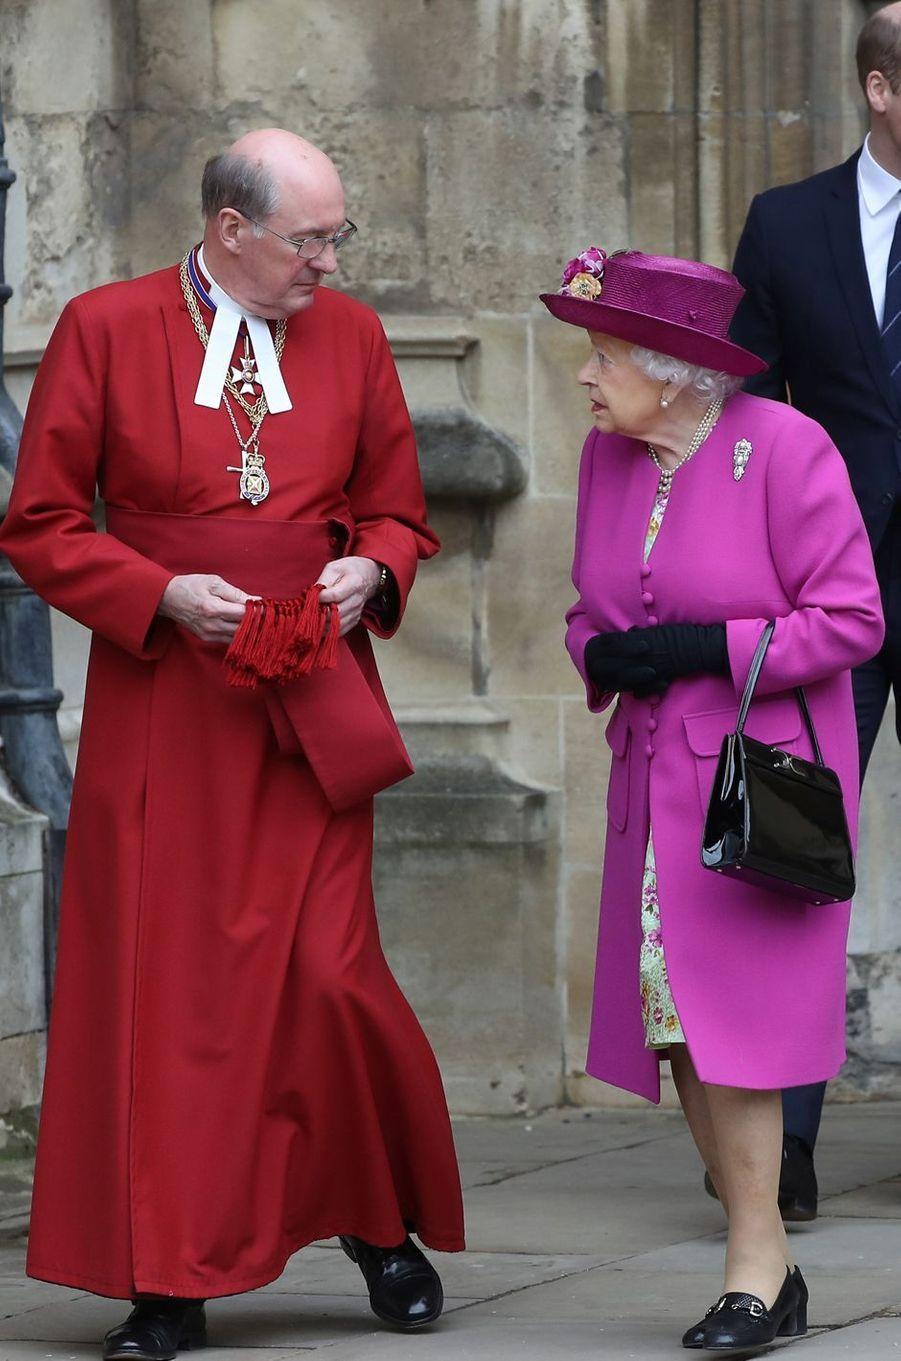 La reine Elizabeth II à Windsor, le 1er avril 2018